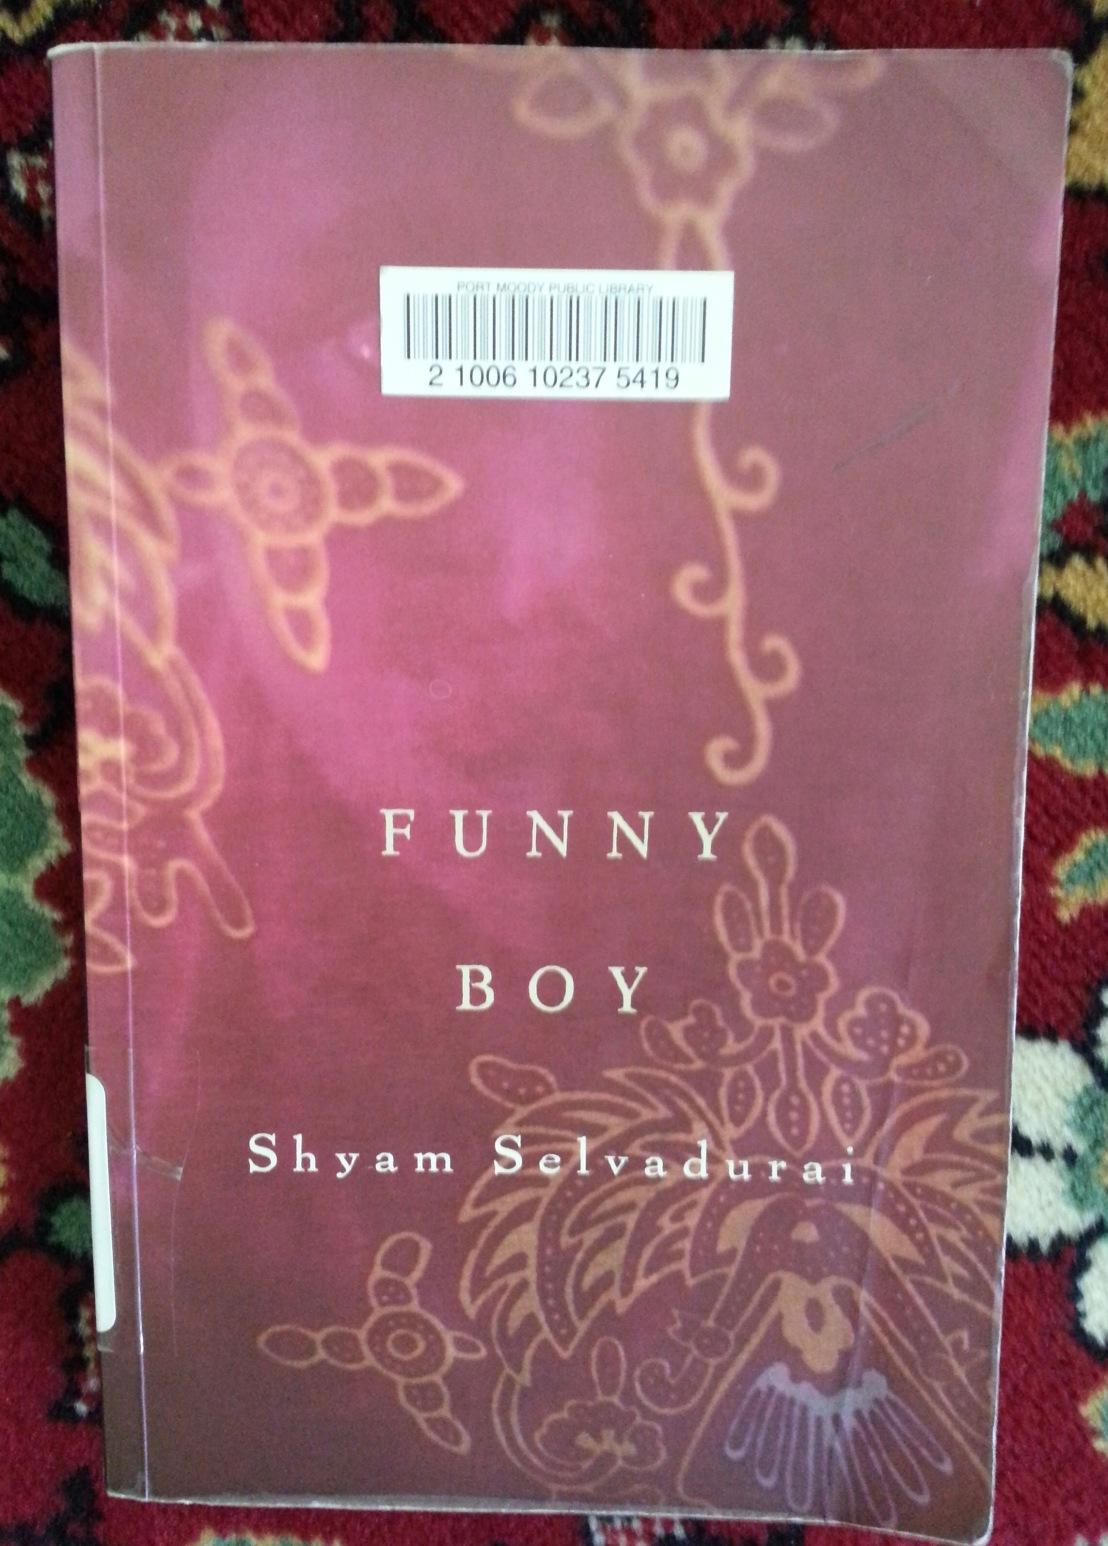 Shyam Selvadurai's — Funny Boy*****